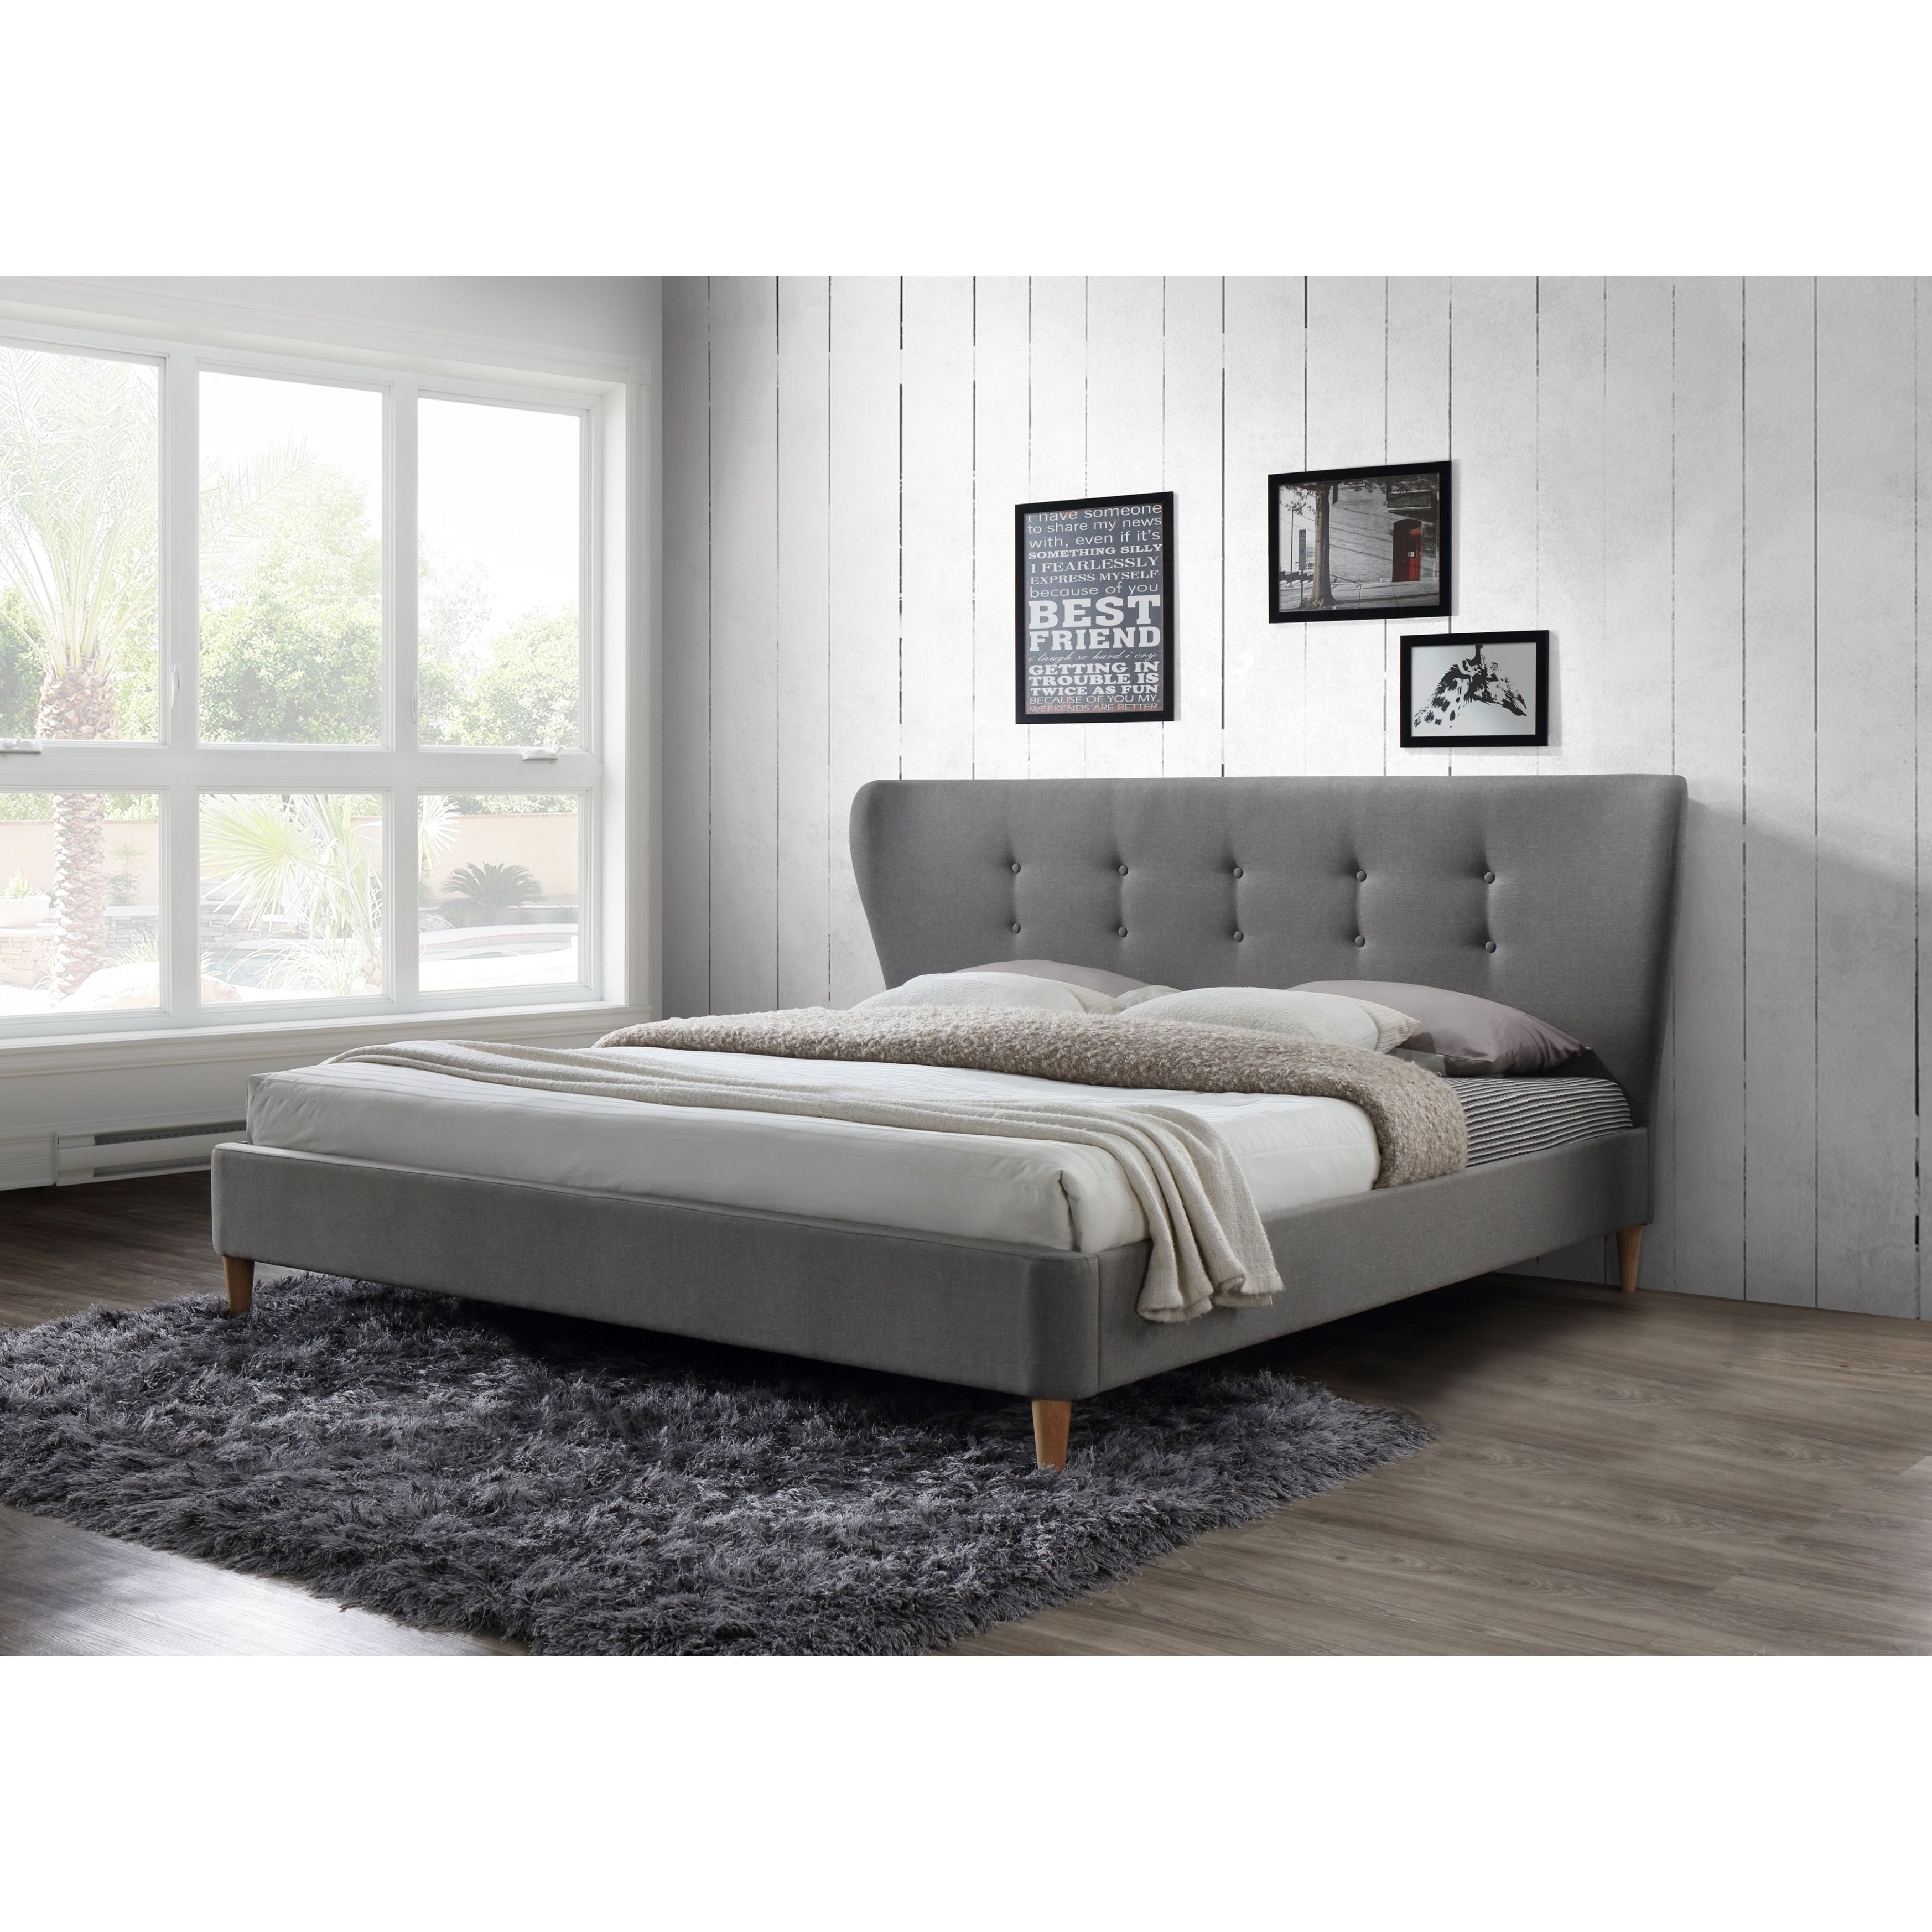 Dayton Tufted Light Grey Upholstered King Platform Bed (King Bed